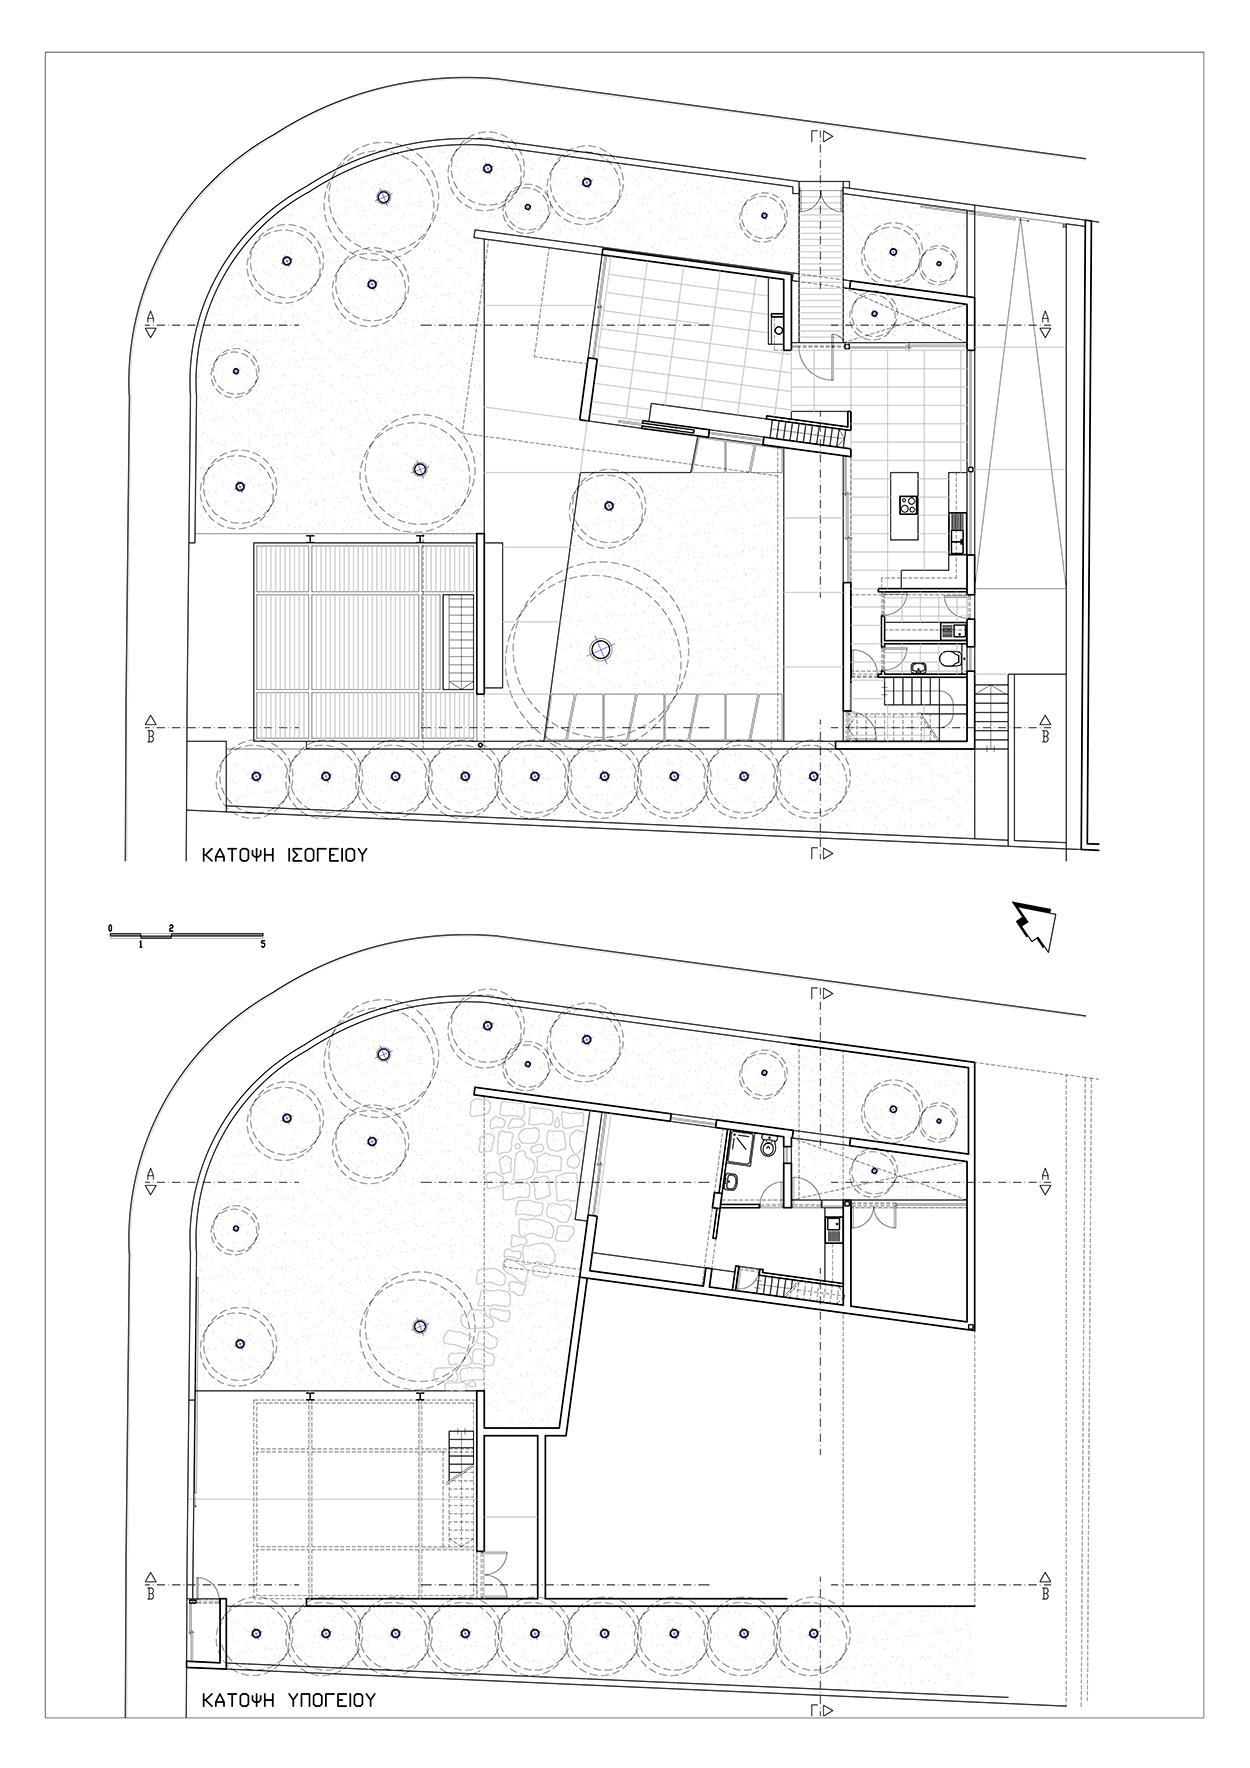 Κατόψεις Υπογείου & Ισογείου, ©ΑΚ Αρχιτεκτονικό Εργαστήρι